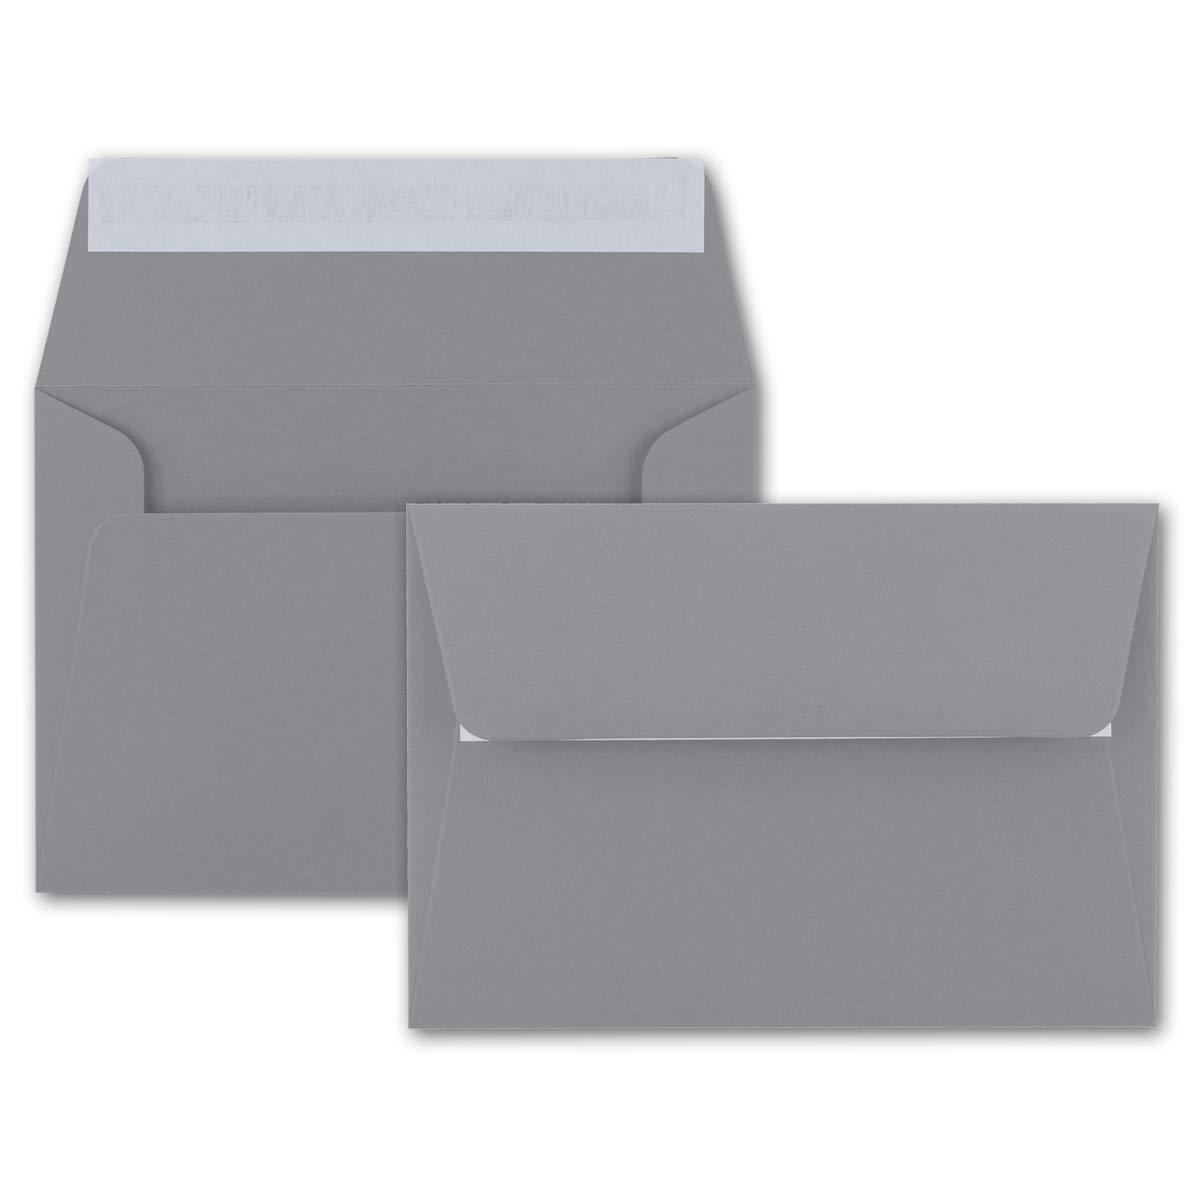 200x Brief-Umschläge B6 - Naturweiss - - - 12,5 x 17,5 cm - Haftklebung 120 g m² - breite edle Verschluss-Lasche - hochwertige Einladungs-Umschläge B078HH1Q6F | Einzigartig  56aae1